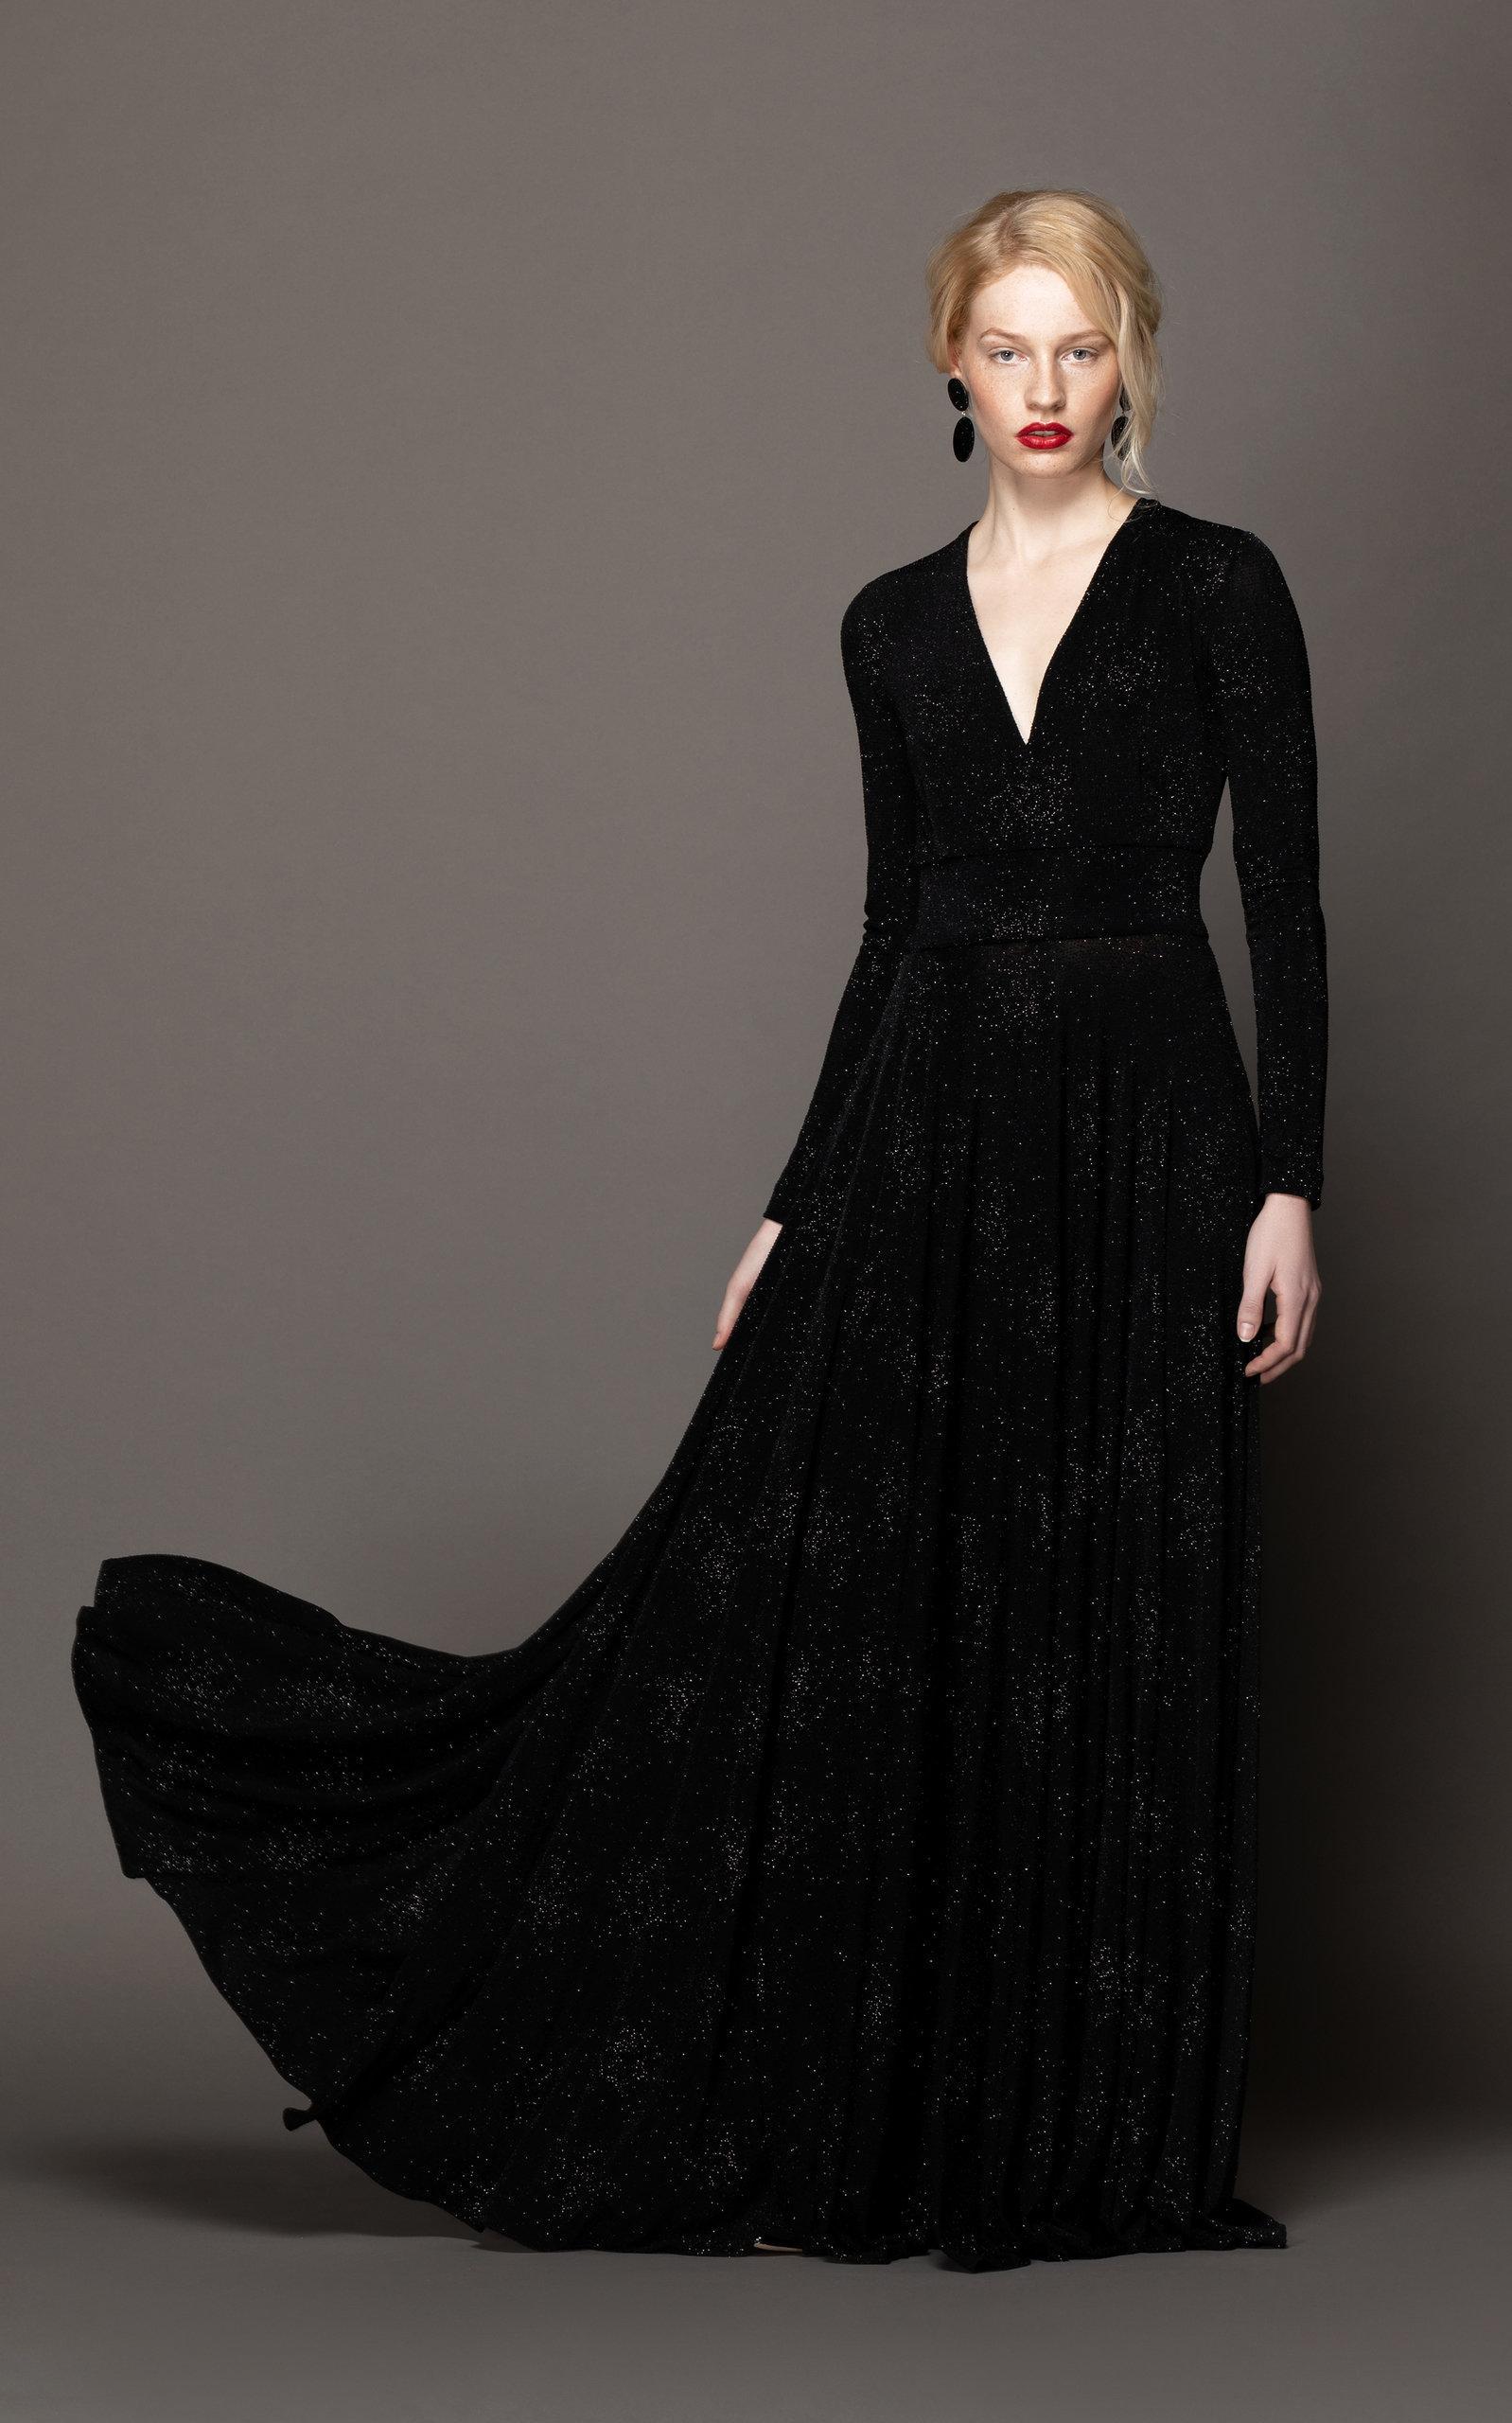 efba9485407 Lyst - Lilli Jahilo Star Glitter Jersey Long Sleeve Gown in Black